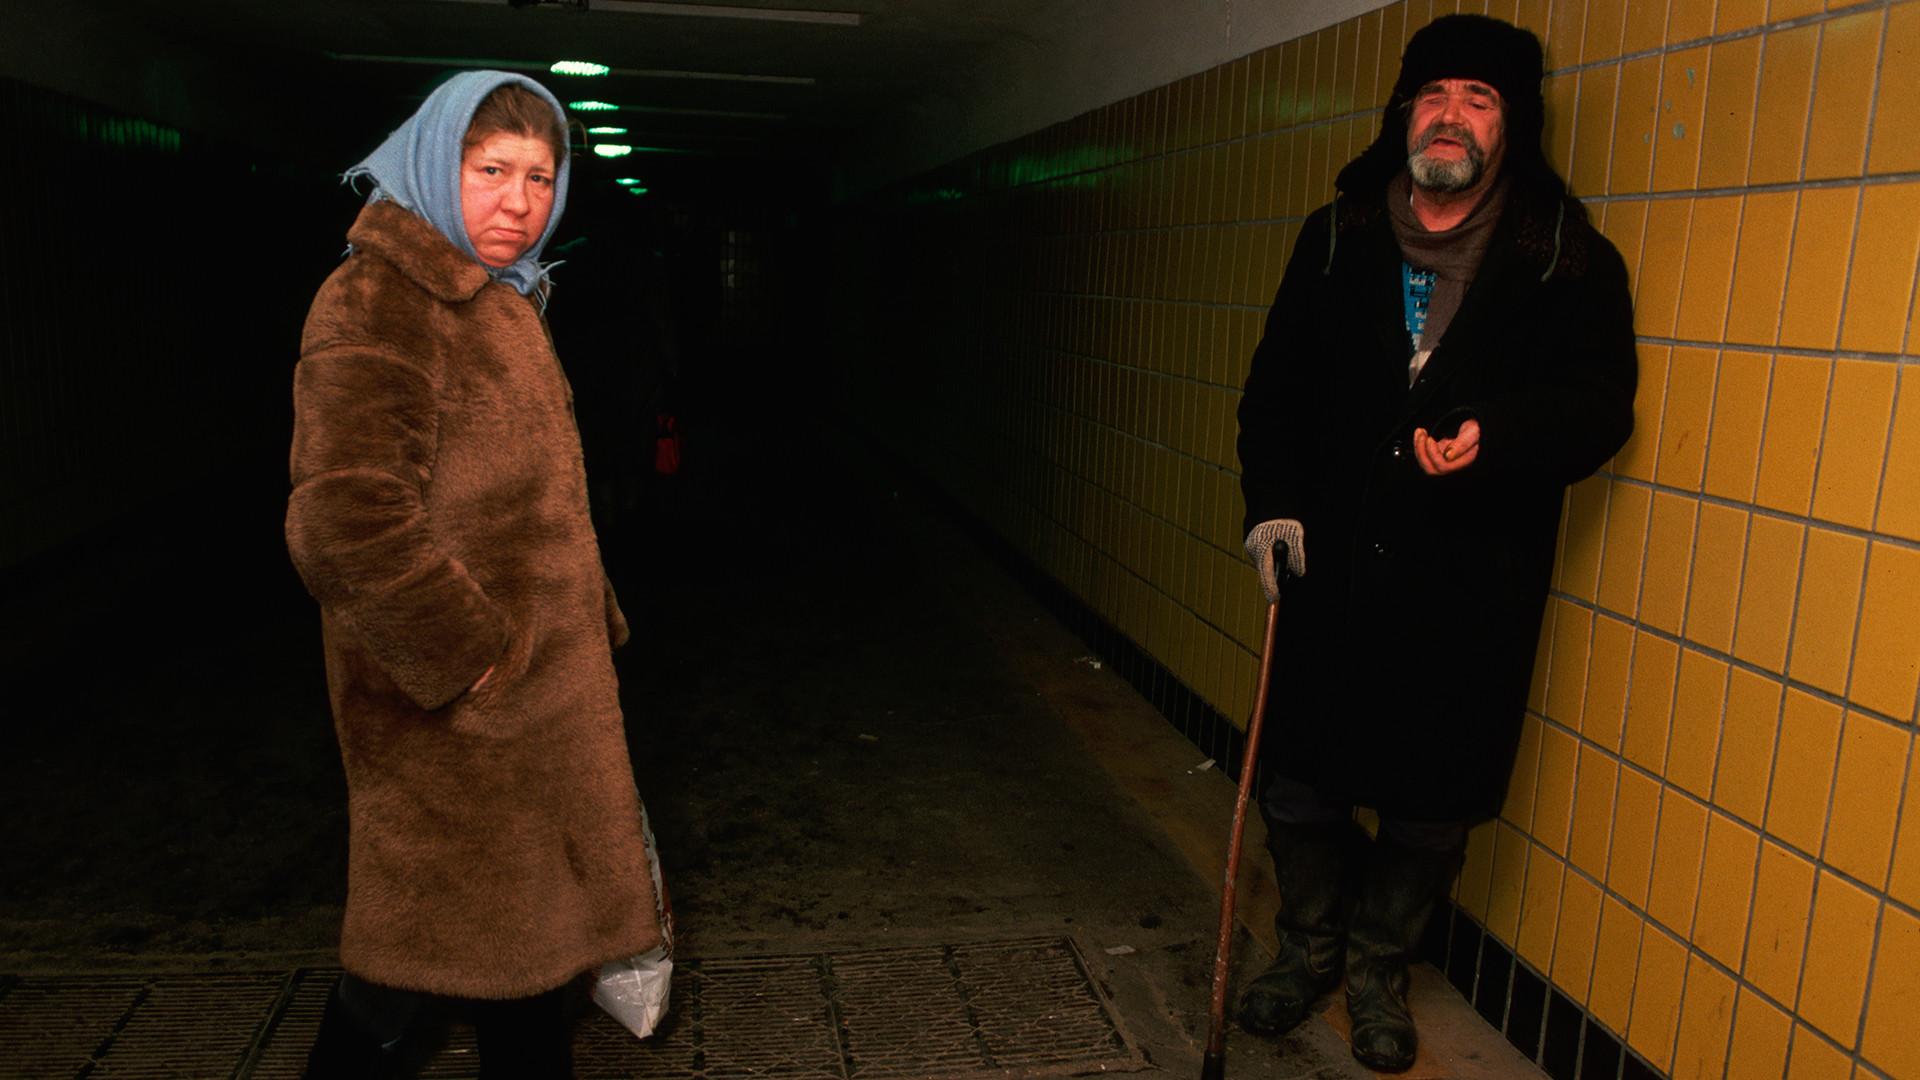 Из-за нехватки мест бездомных порой устраивали в интернаты для психохроников.